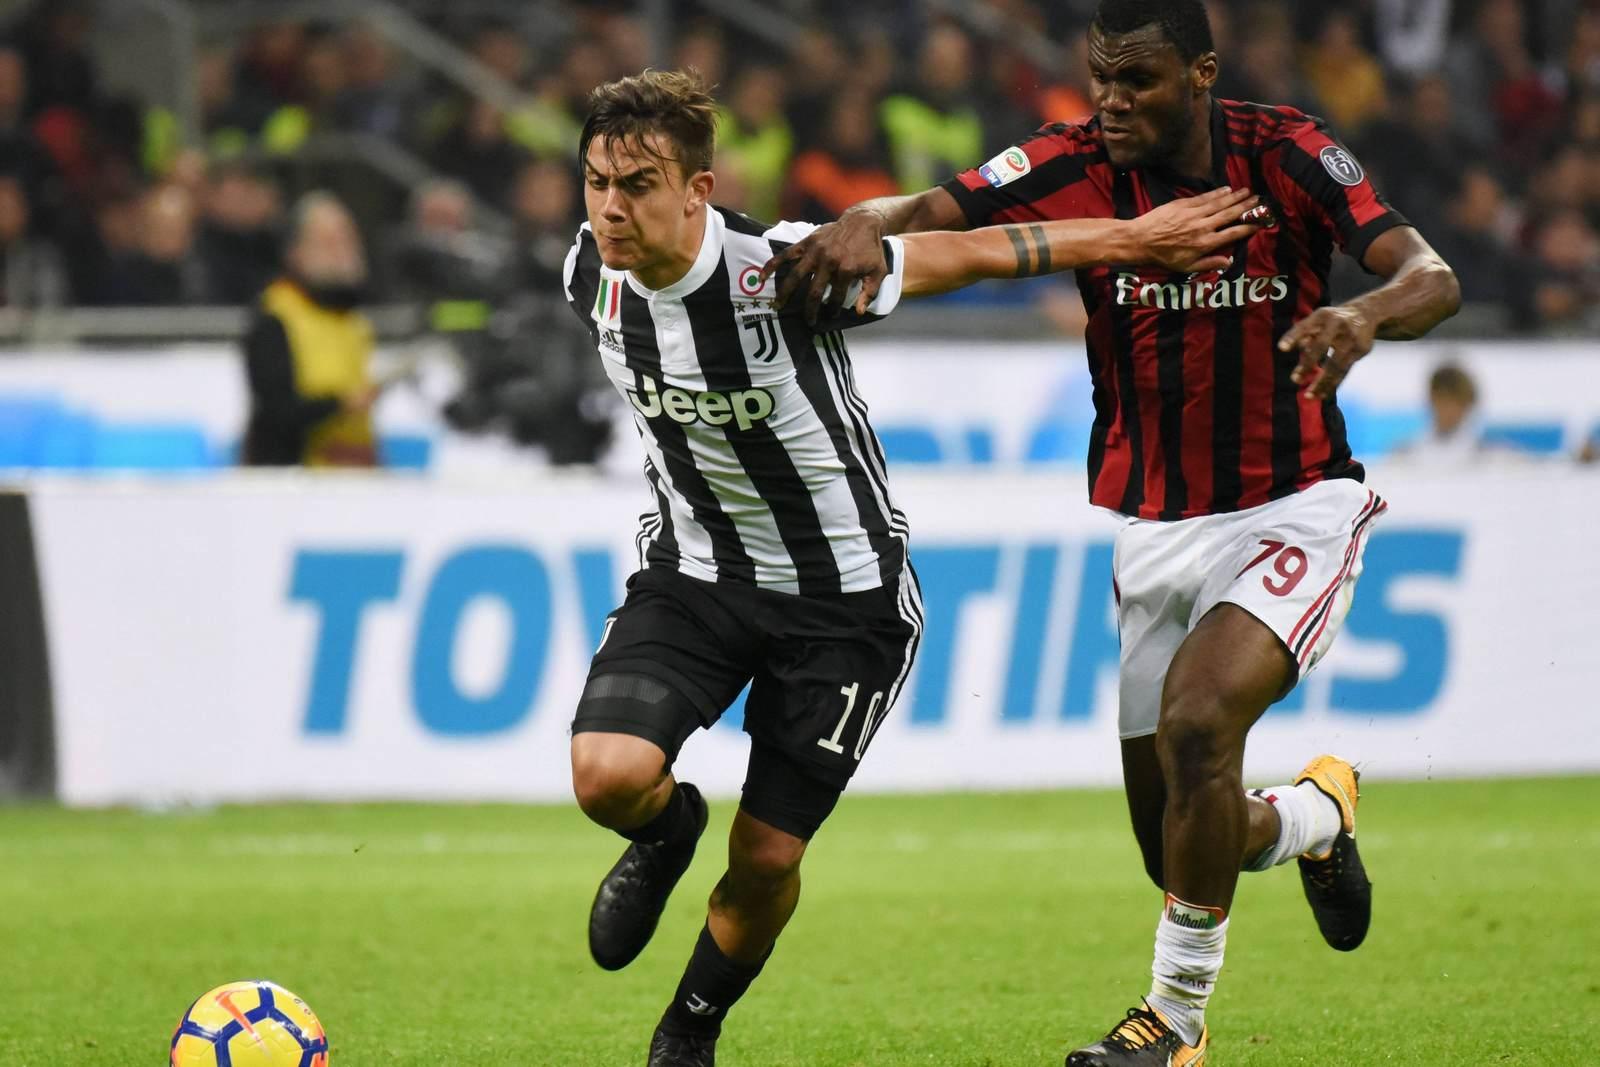 Können Franck Kessié und der AC Milan Juve ein Bein stellen? Jetzt auf Milan vs Juve wetten!